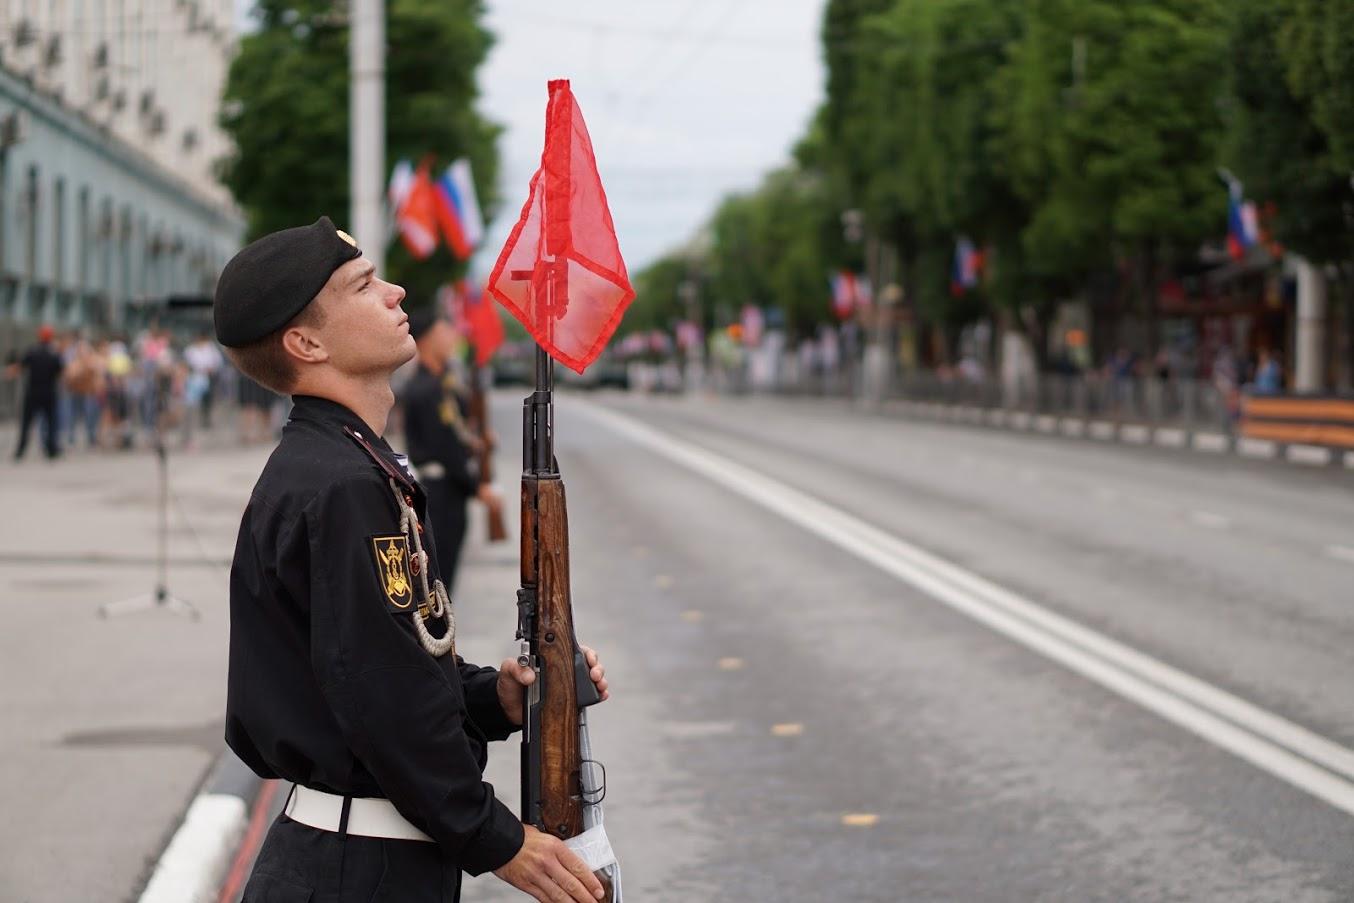 Когда и где пройдут репетиции Парада Победы 2021 в Крыму и Севастополе: расписание, какие улицы перекроют